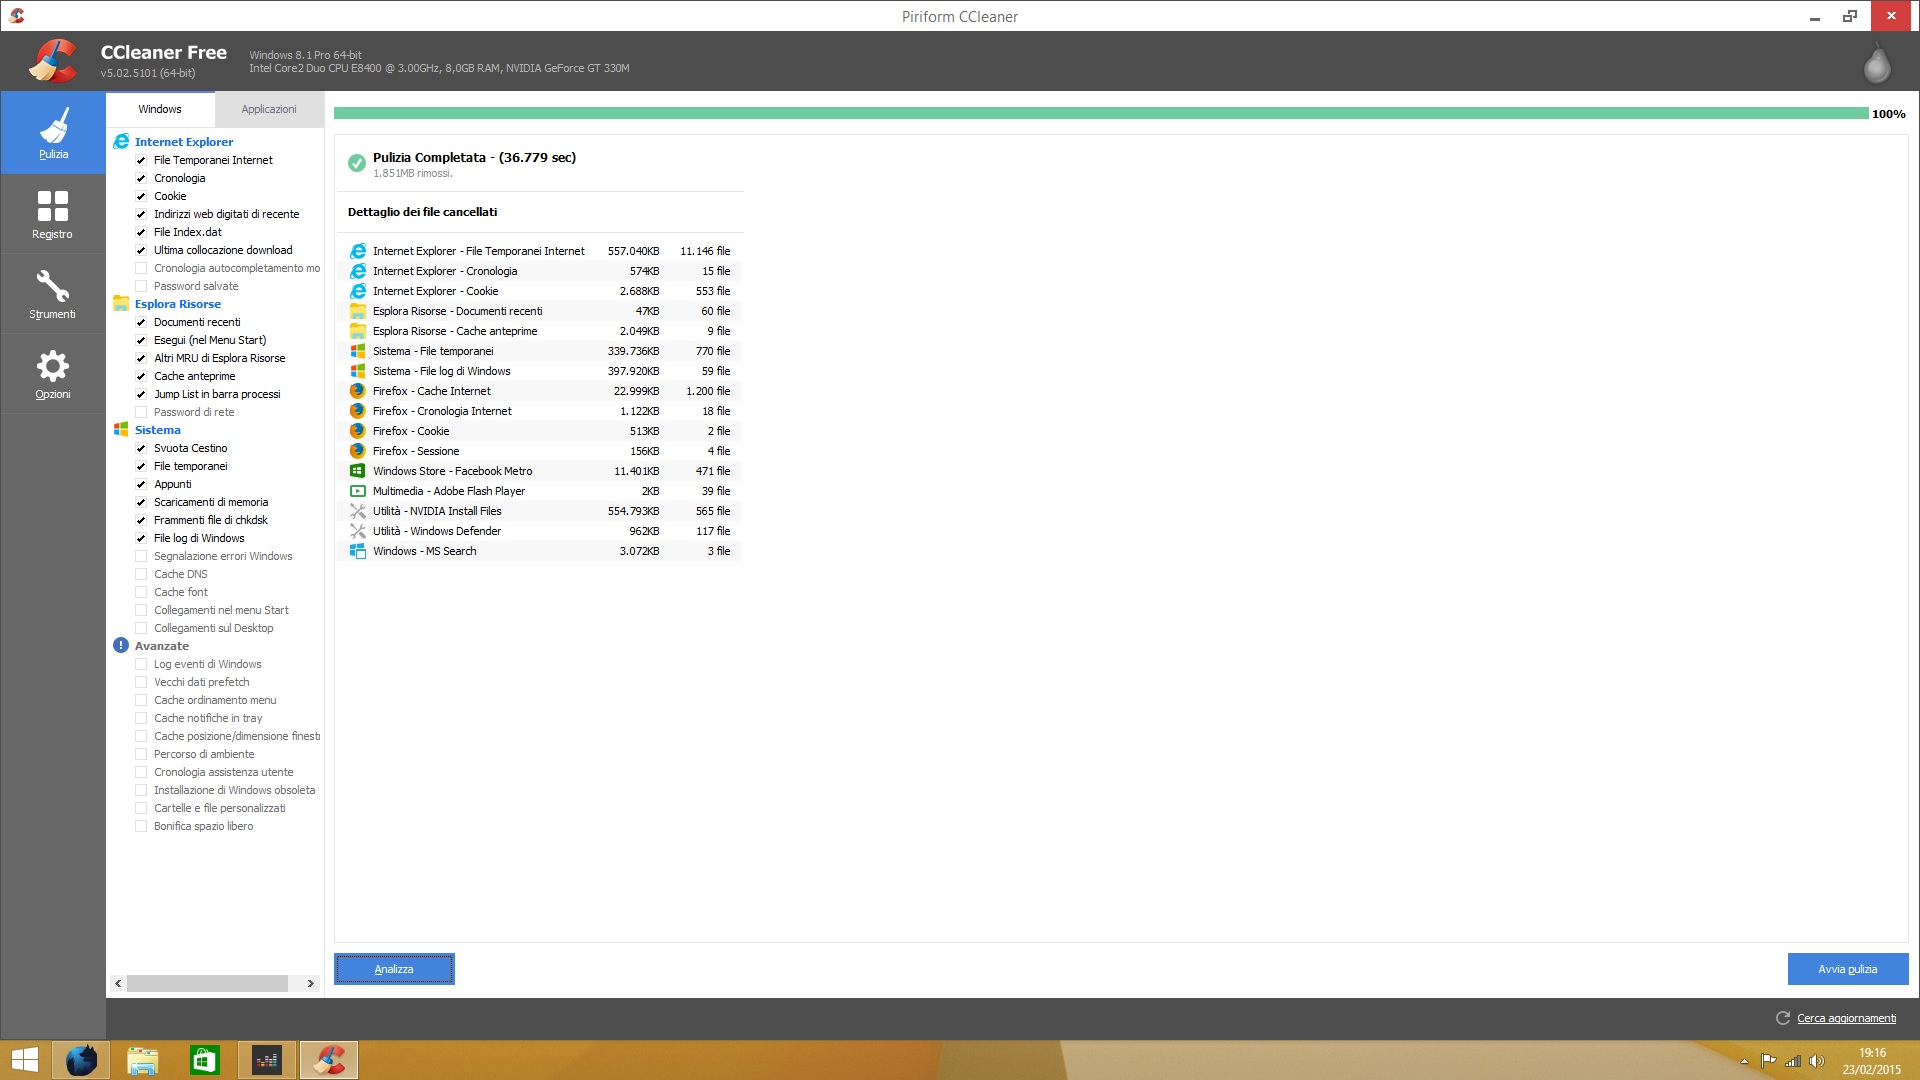 Come potete vedere ho liberato 2 GB di spazio dal mio Hard Disk!